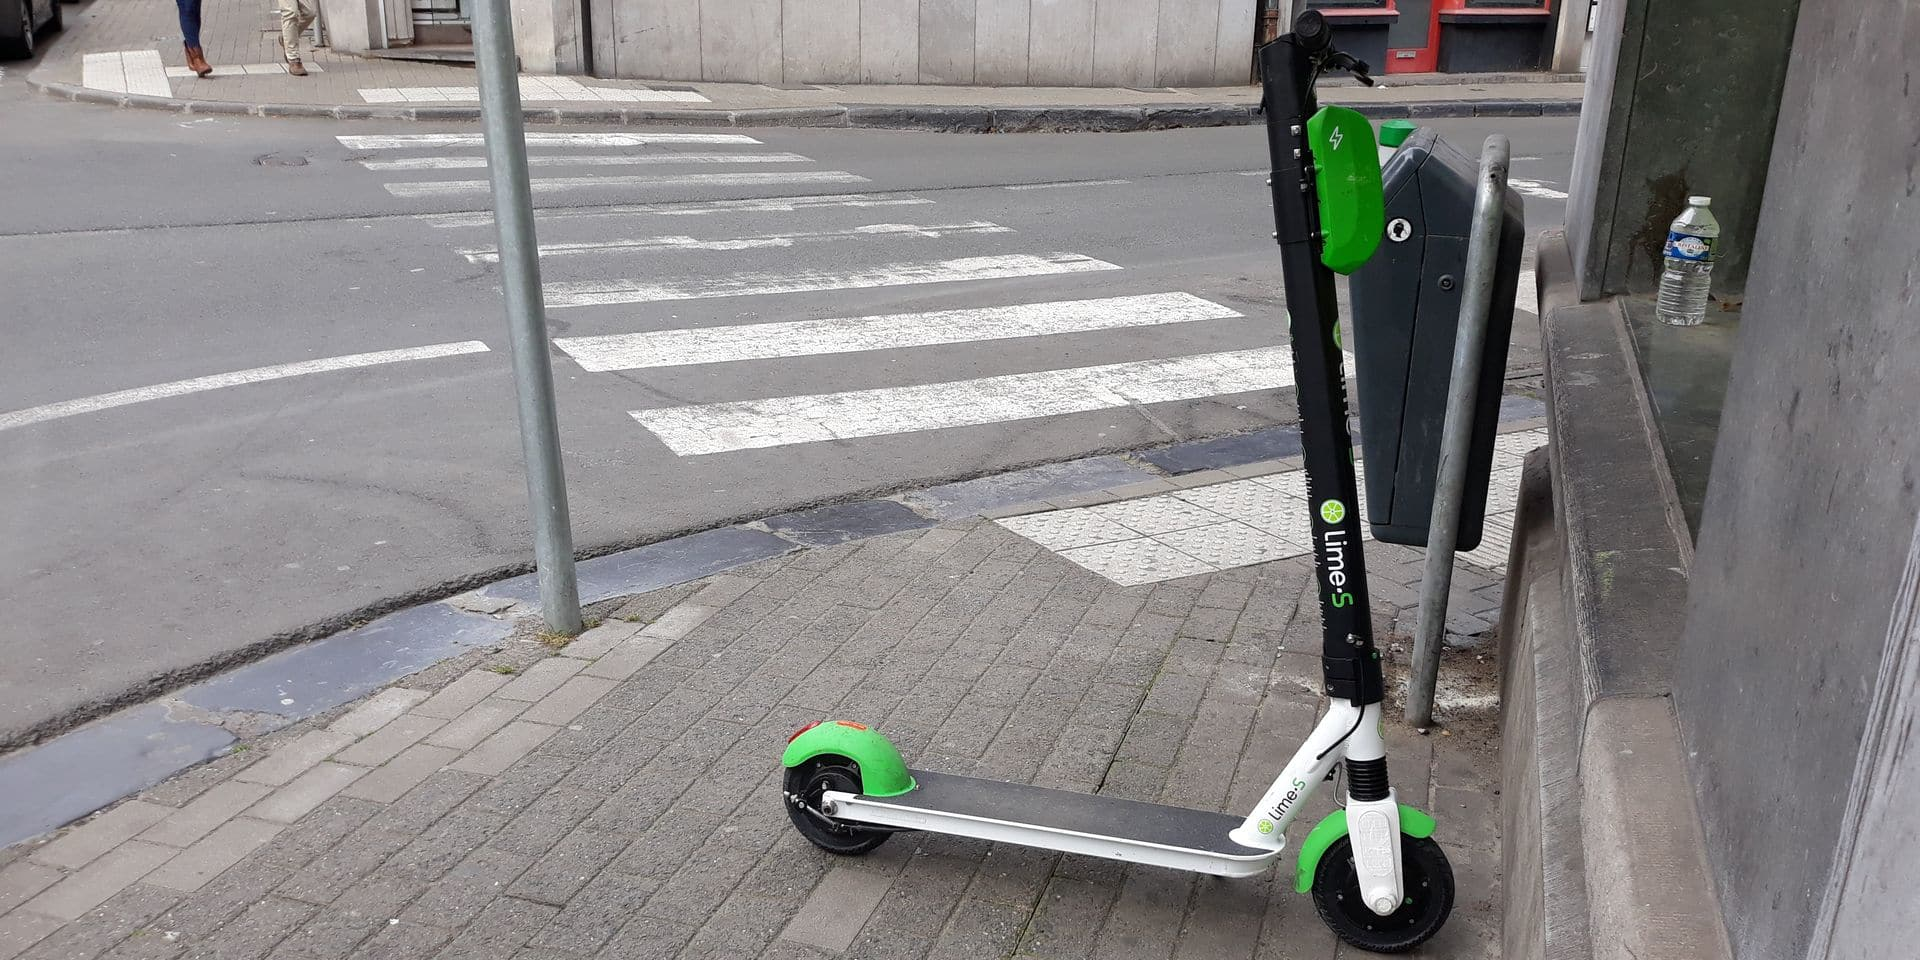 Les trottinettes à Namur: la cacophonie des permiers jours